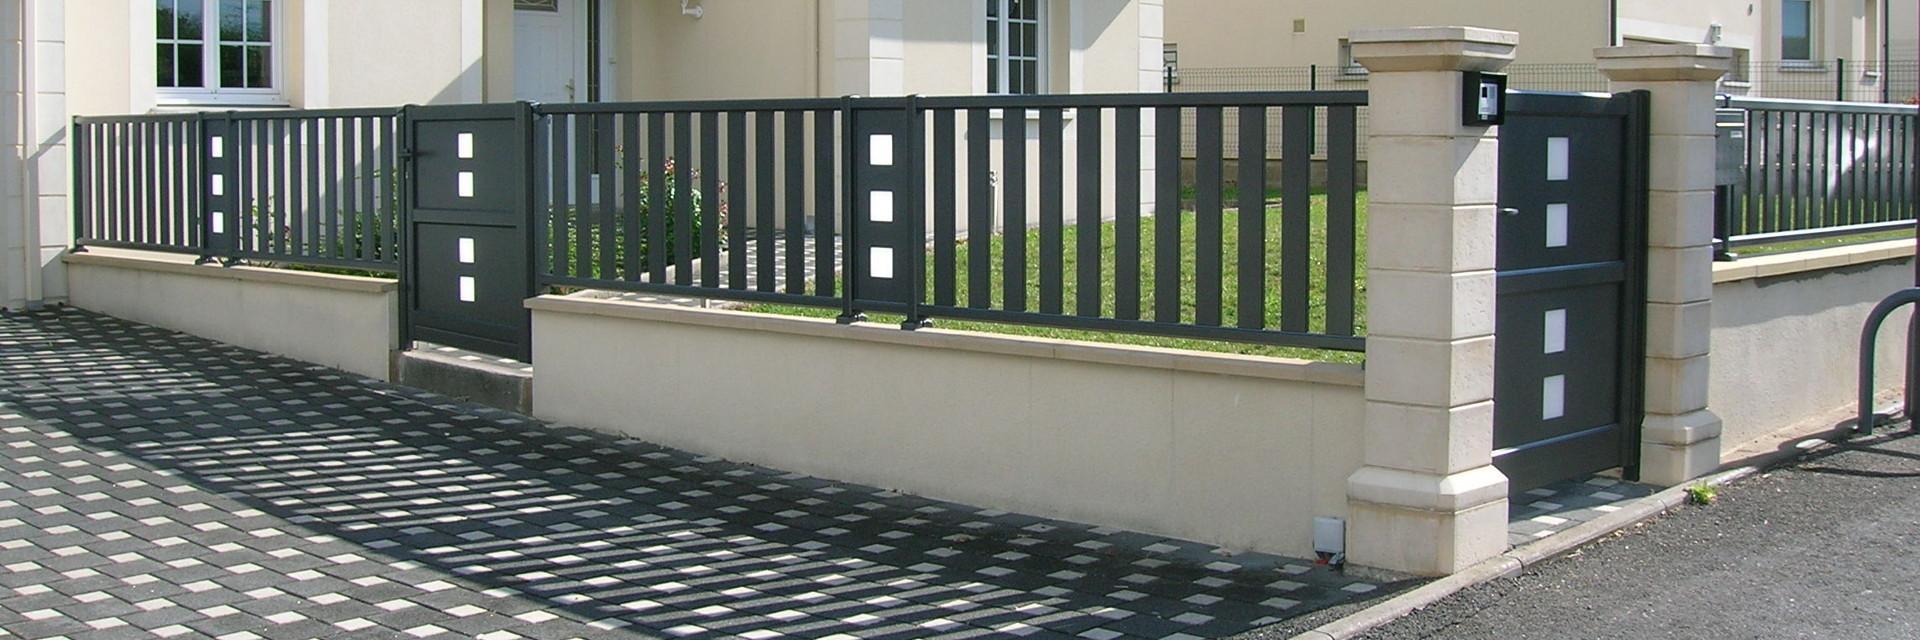 Cloture Bois Hauteur 2M50 clôture aluminium 68, clôture alu haut rhin (68) | afm bruckert